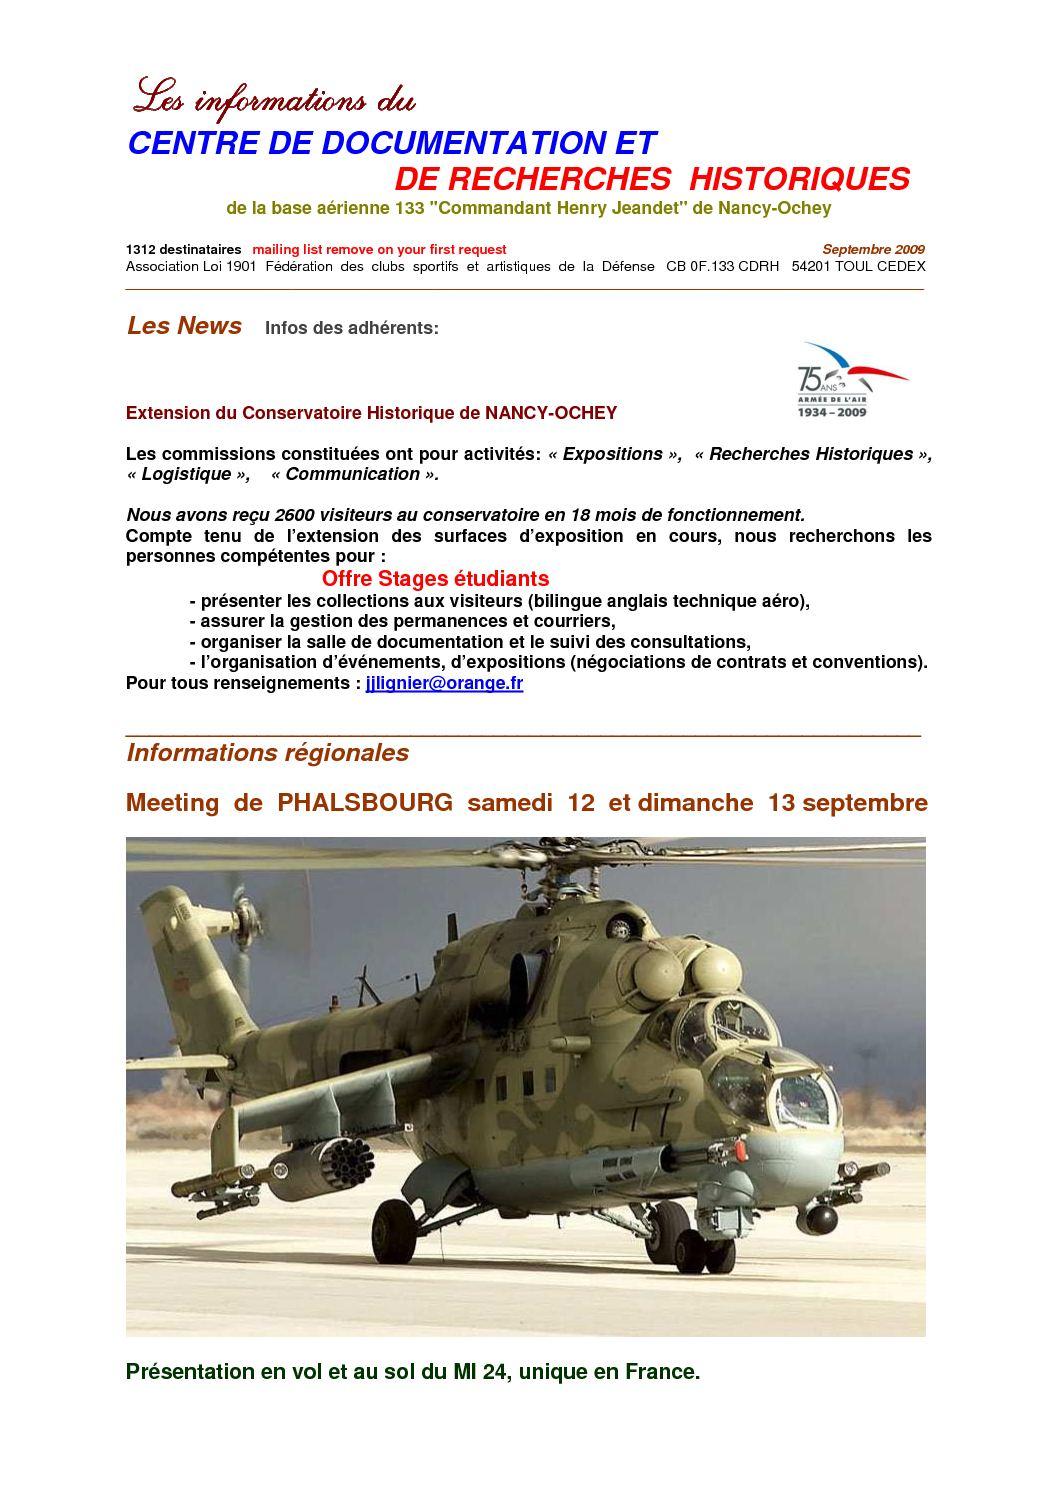 8 - Lettre N°8 infos aéronautiques du CDRH NANCY-OCHEY Septembre 2009